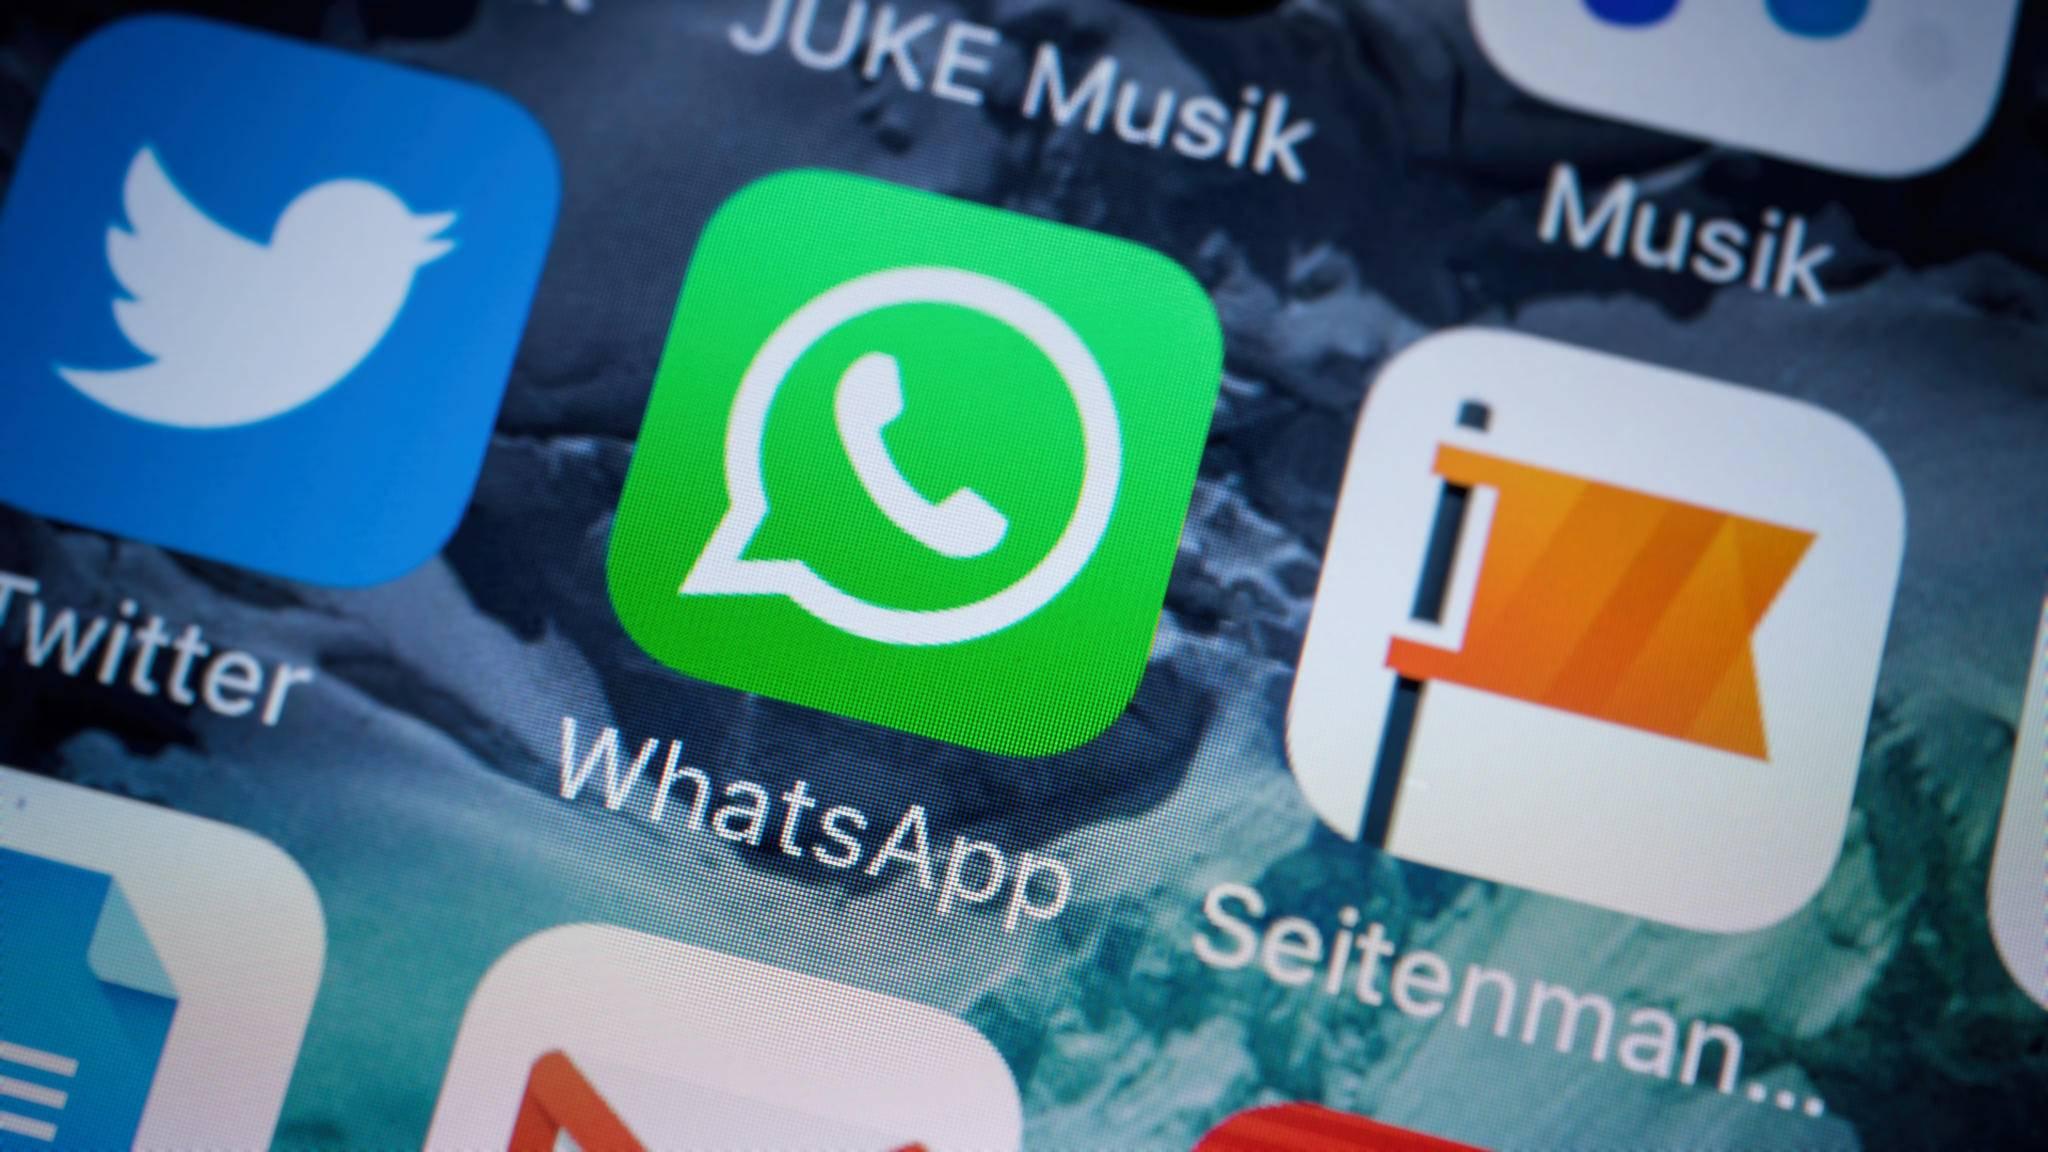 WhatsApp wird sicherer dank Zwei-Faktor-Authentifizierung.